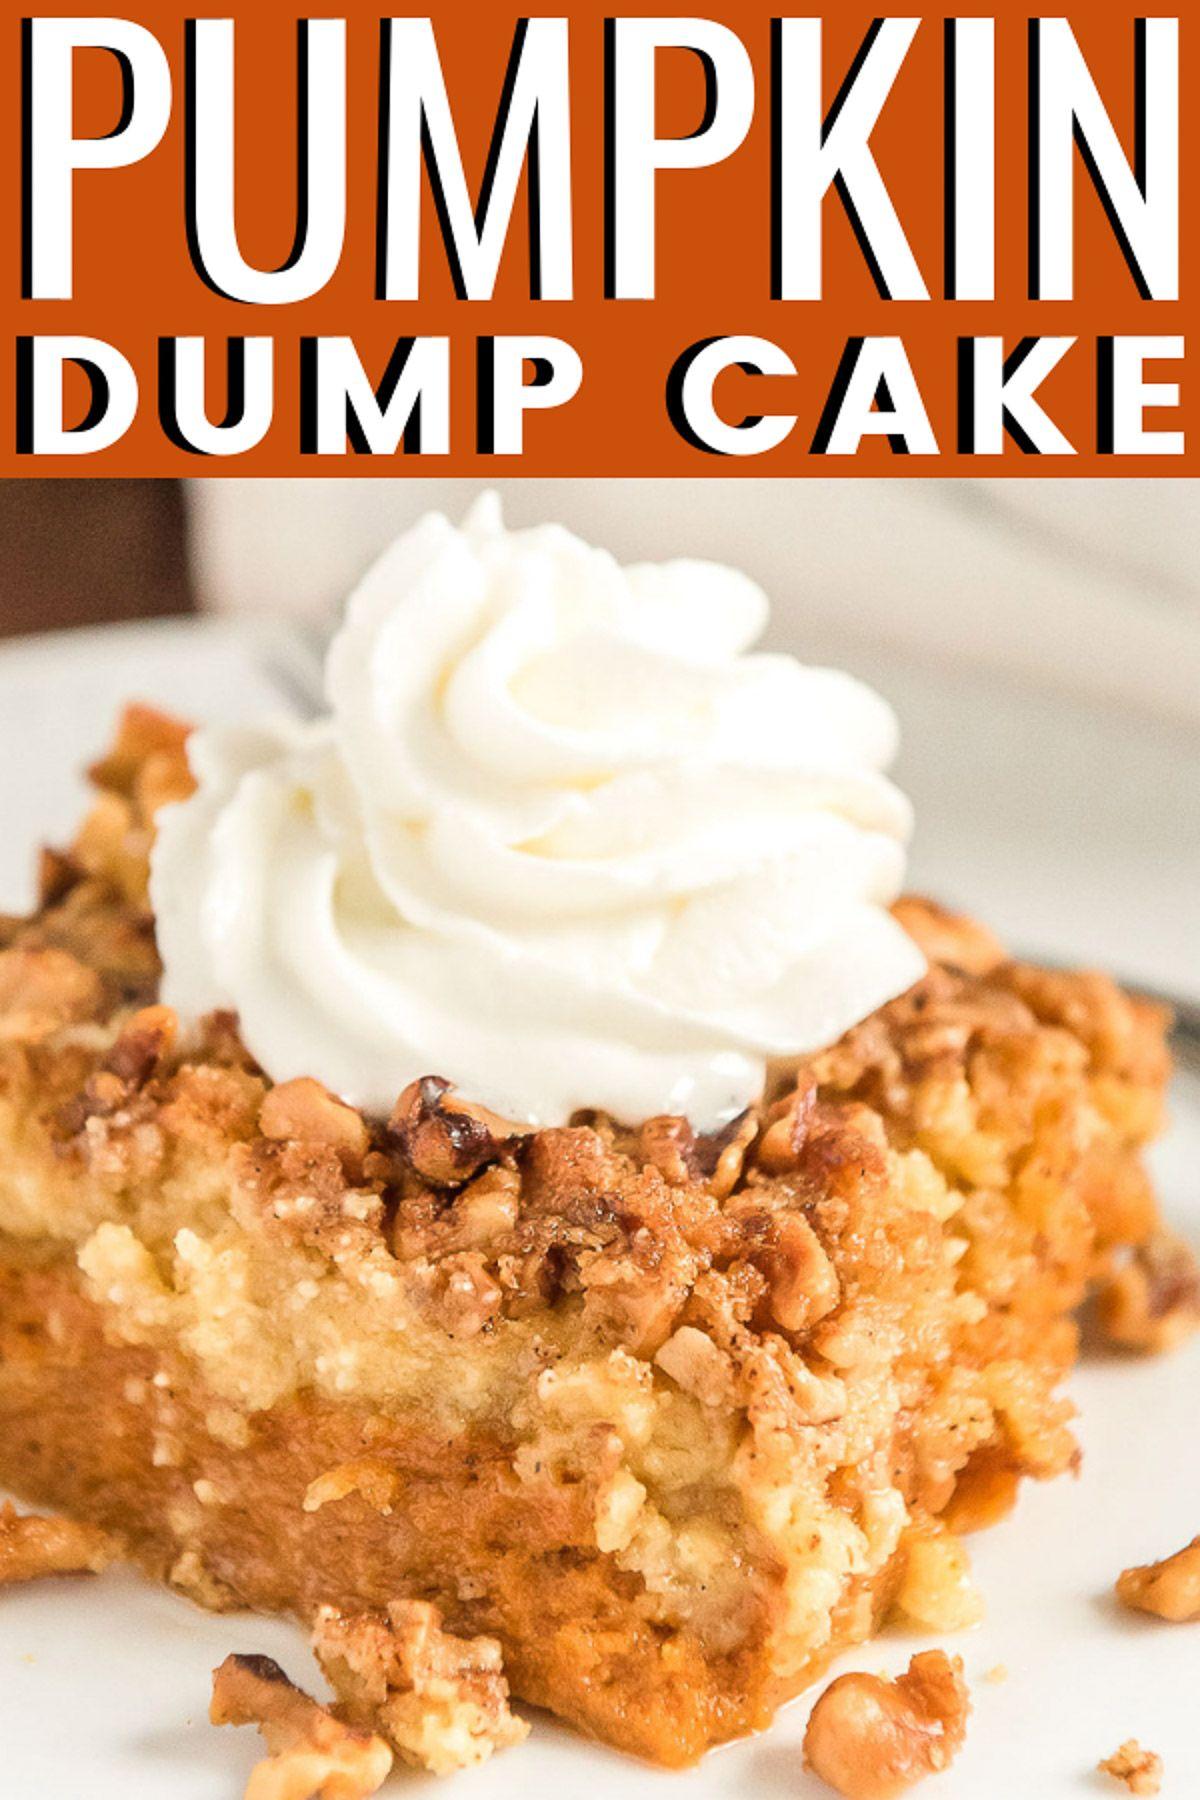 Pumpkin Dump Cake Recipe | Sugar and Soul